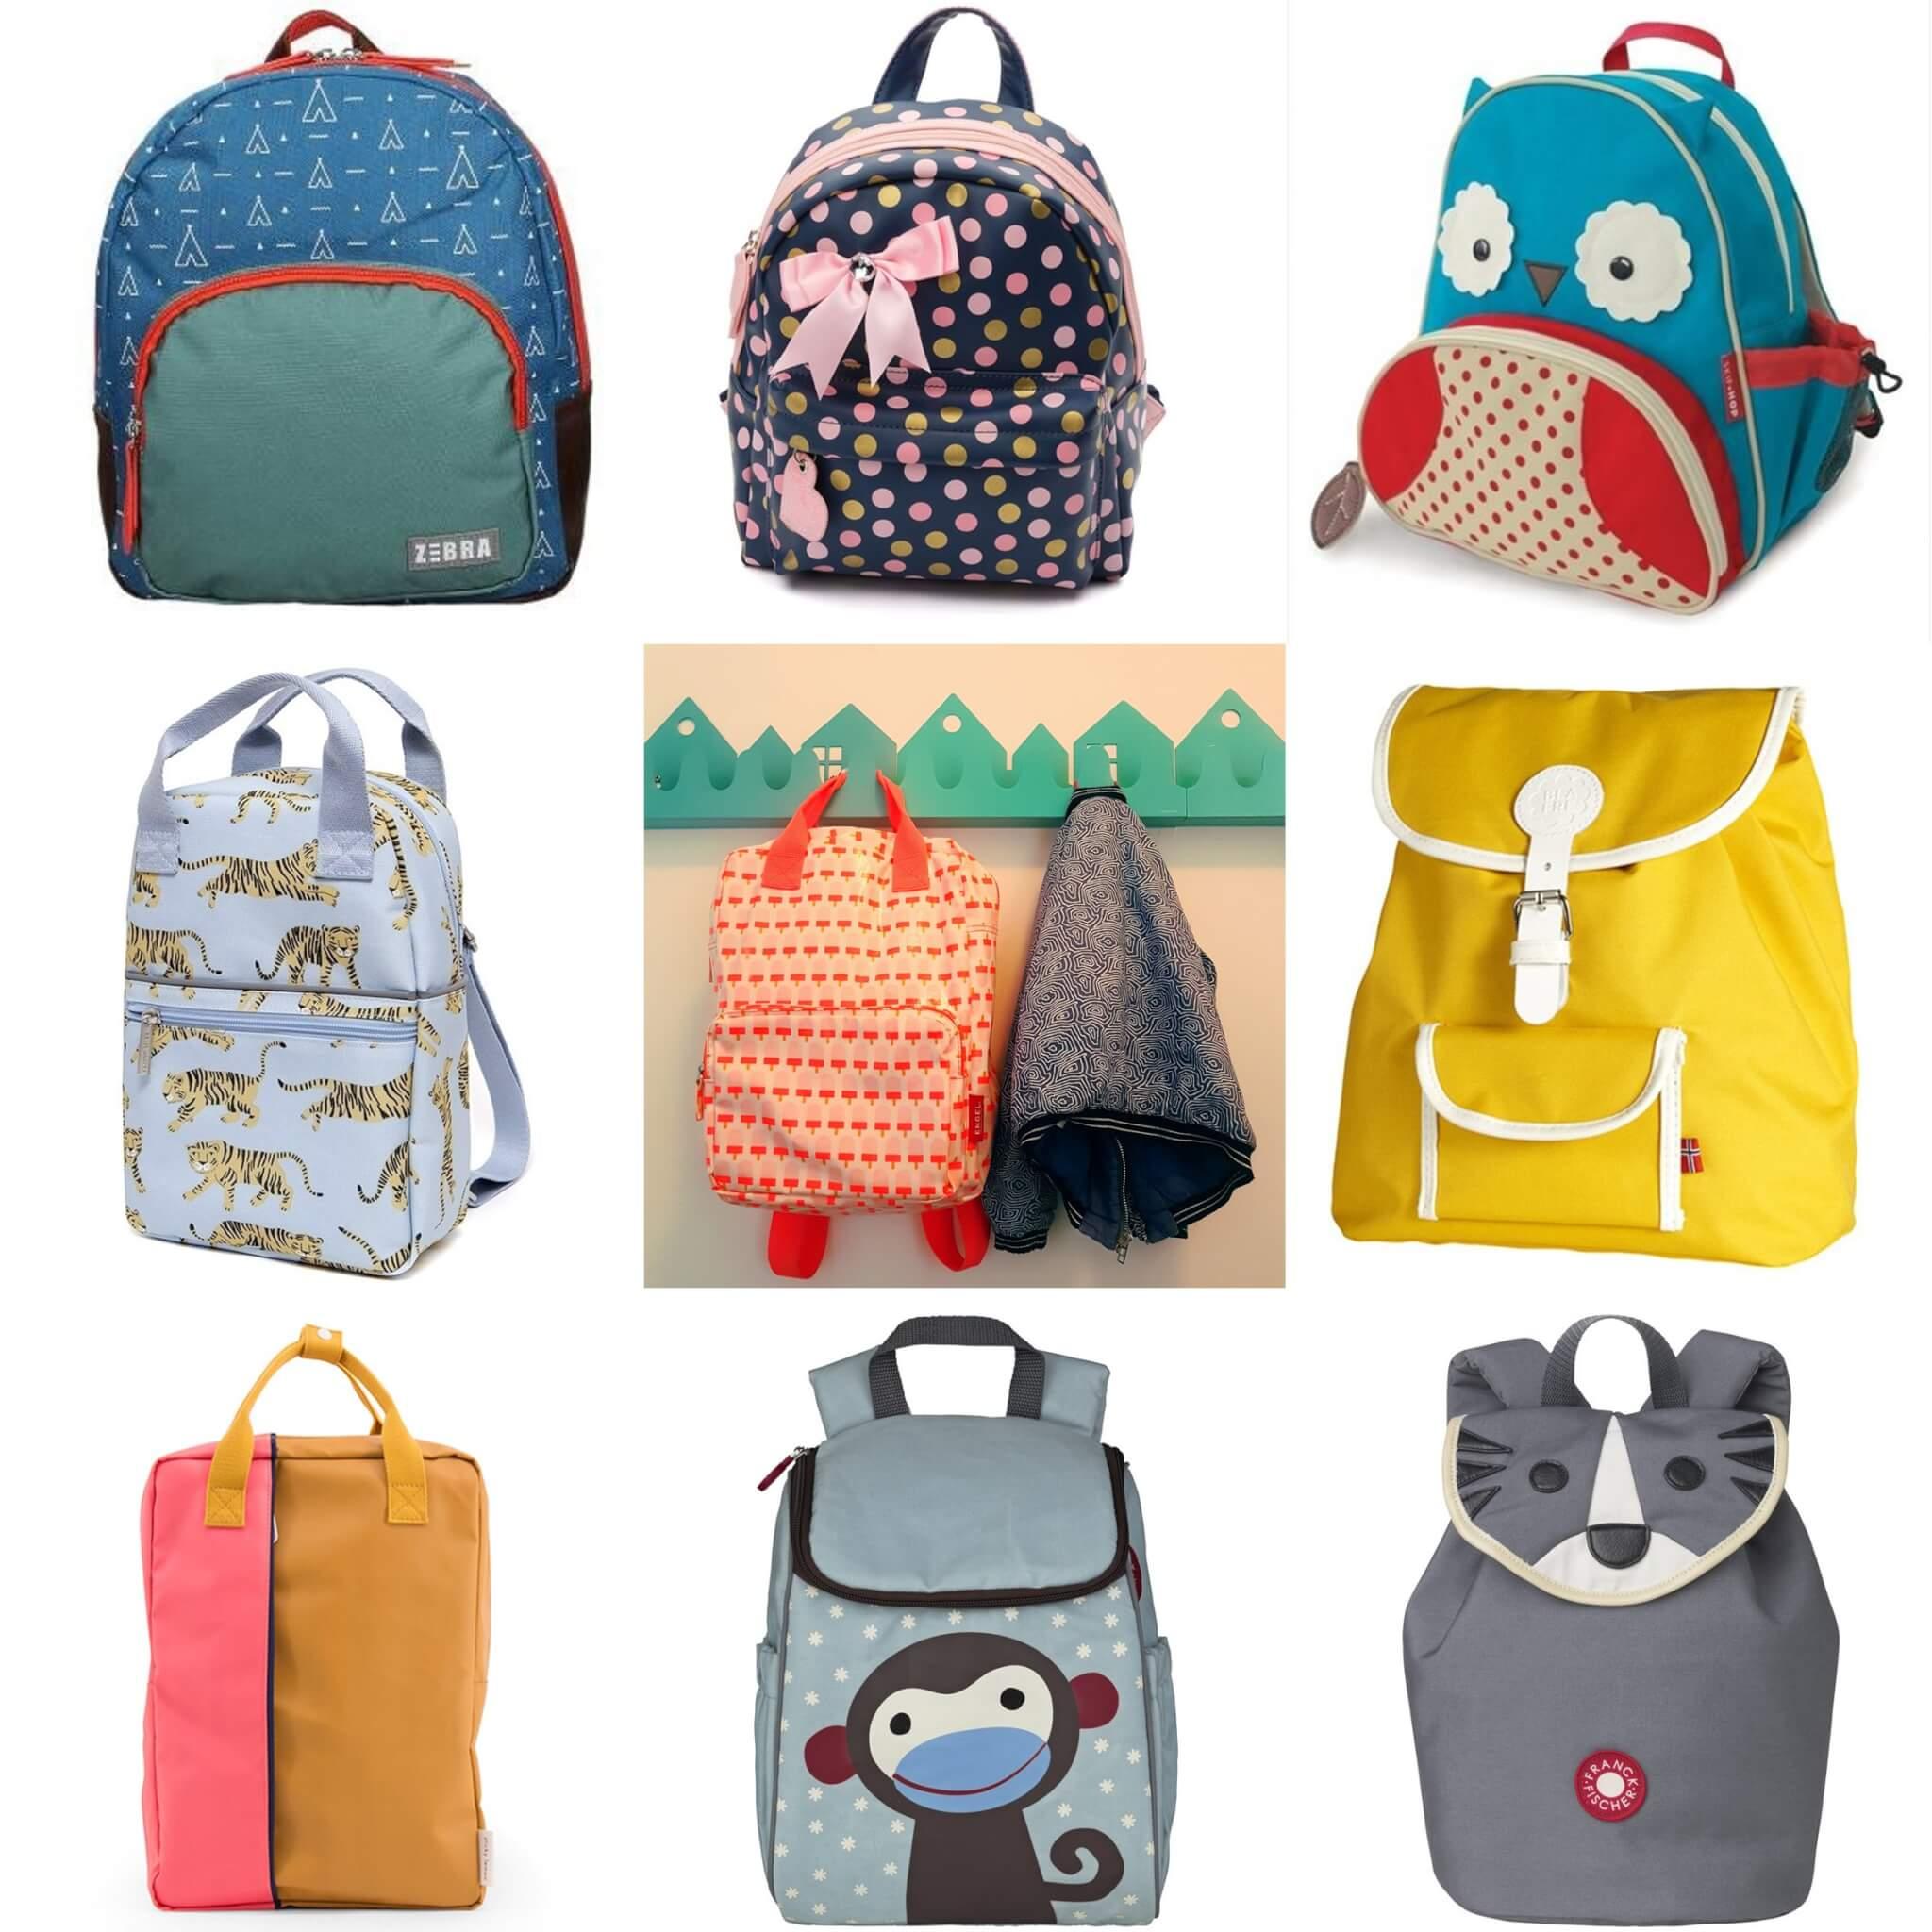 027b74d2319 Verjaardagscadeau voor kids: leuke cadeau tips voor kinderen: rugzakken  voor kids